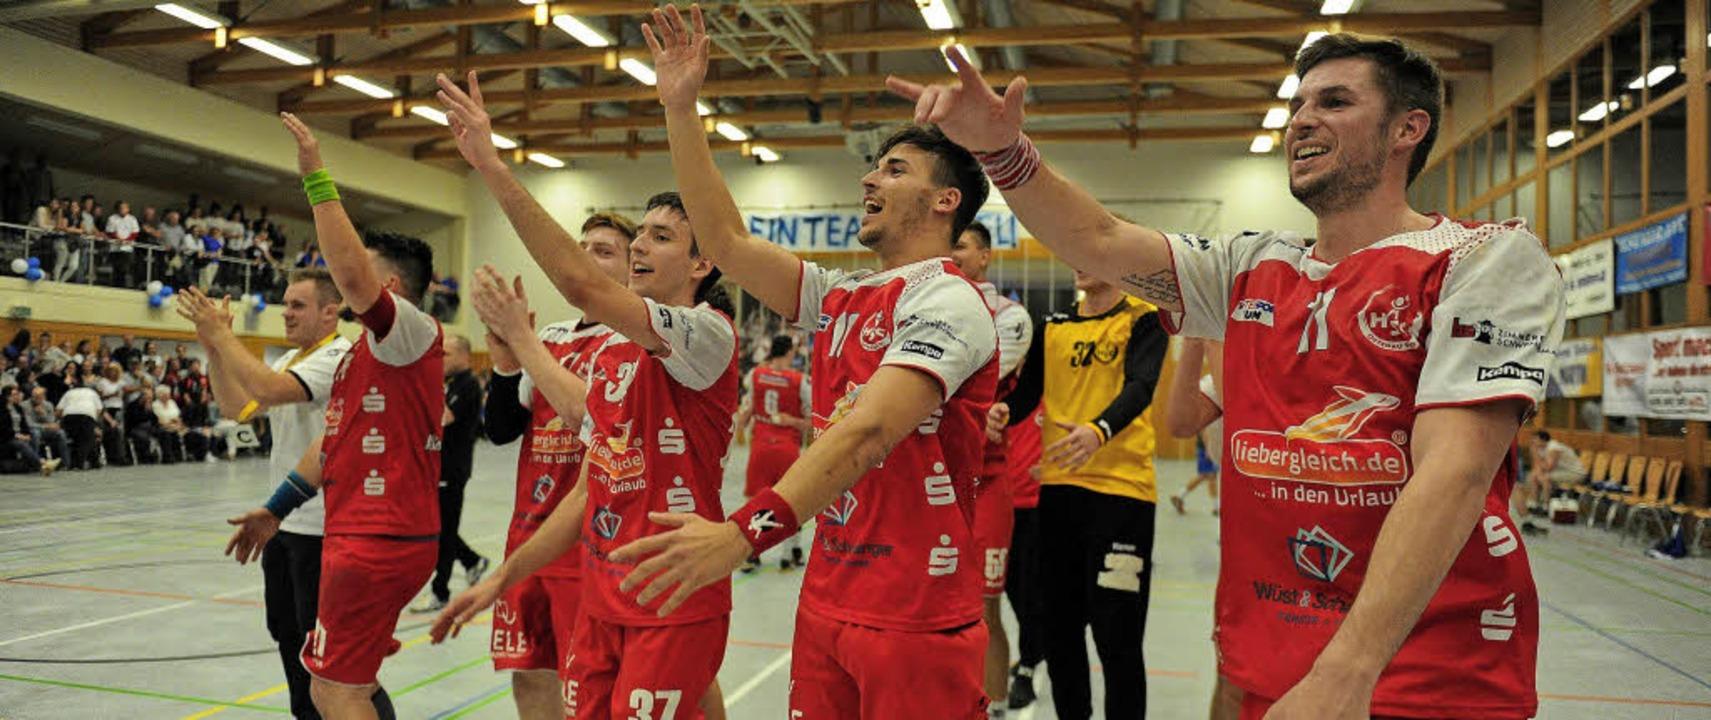 Die HSG Ortenau feiert das Unentschieden in Ohlsbach wie einen Sieg.     Foto:  Pressebüro Schaller